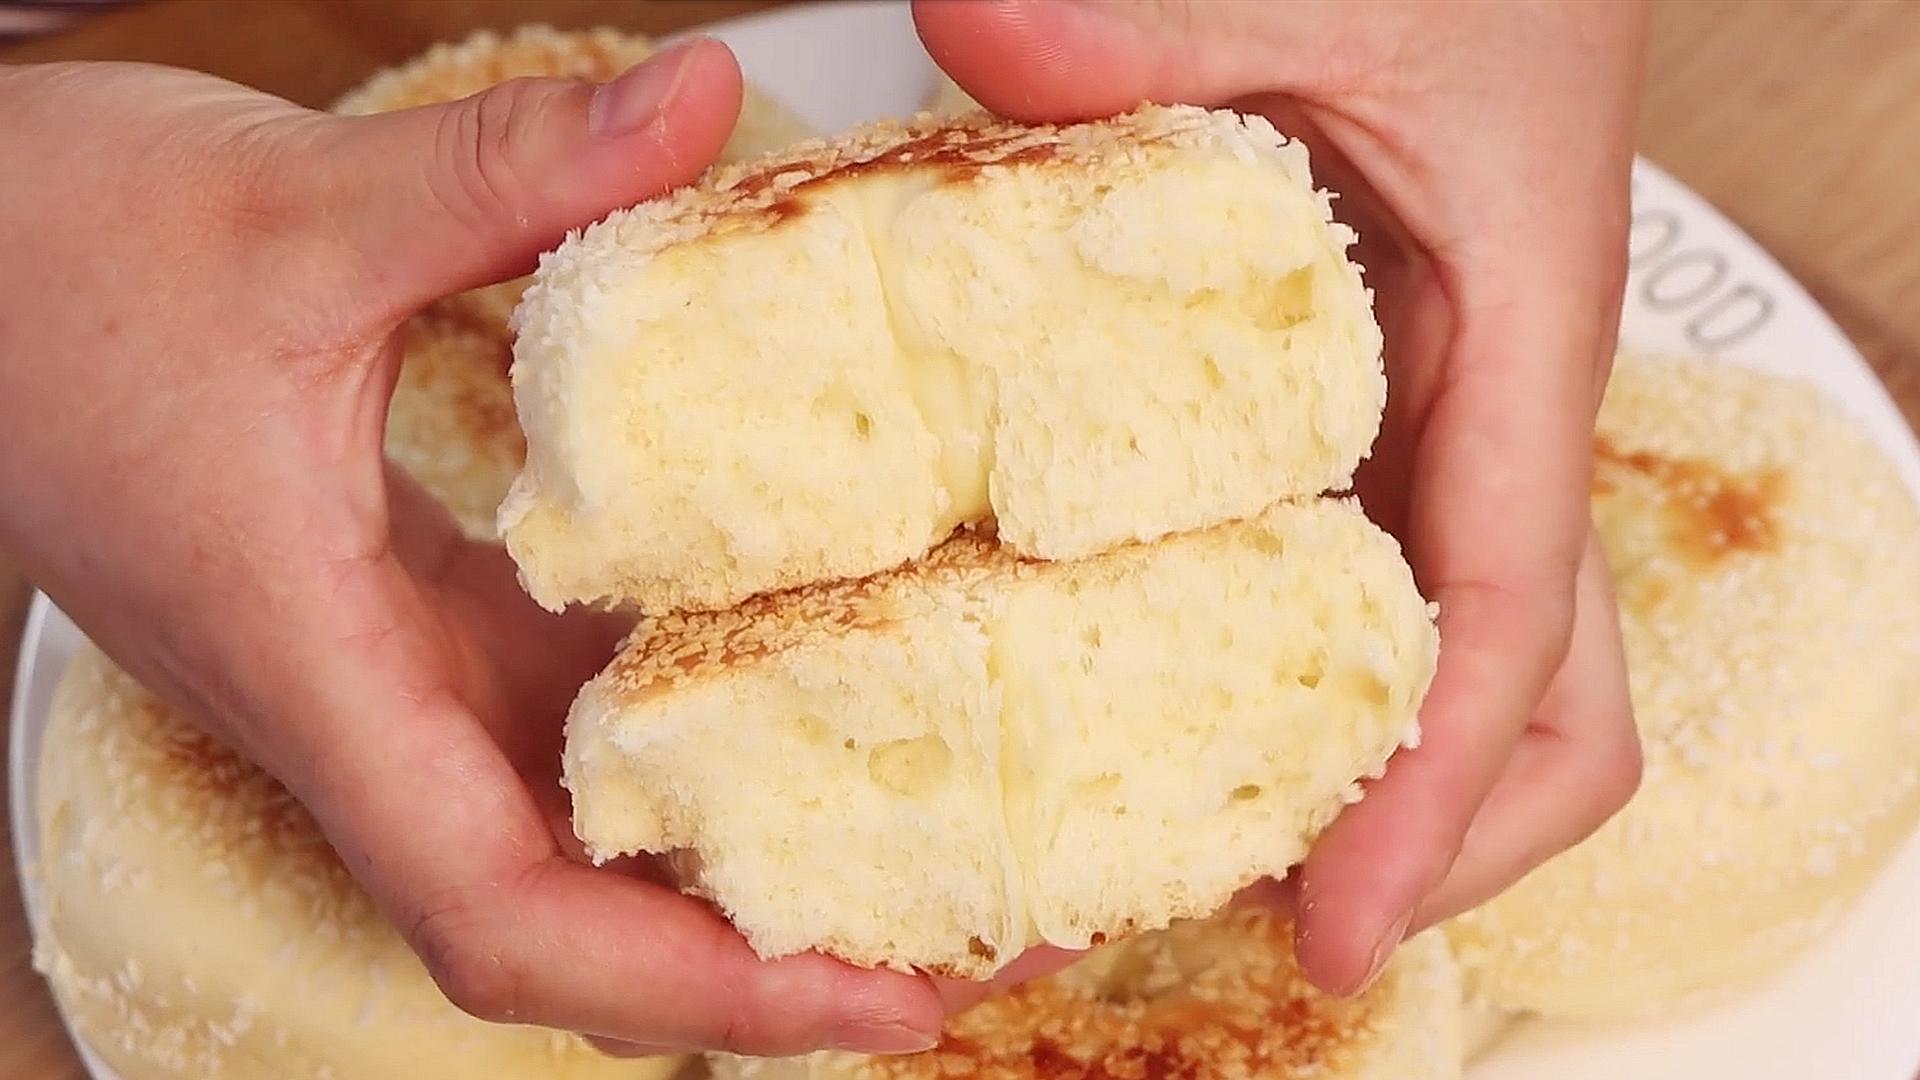 1碗面粉,2个鸡蛋,不蒸不炸也不烤,出锅香甜松软,比面包还香 美食做法 第3张